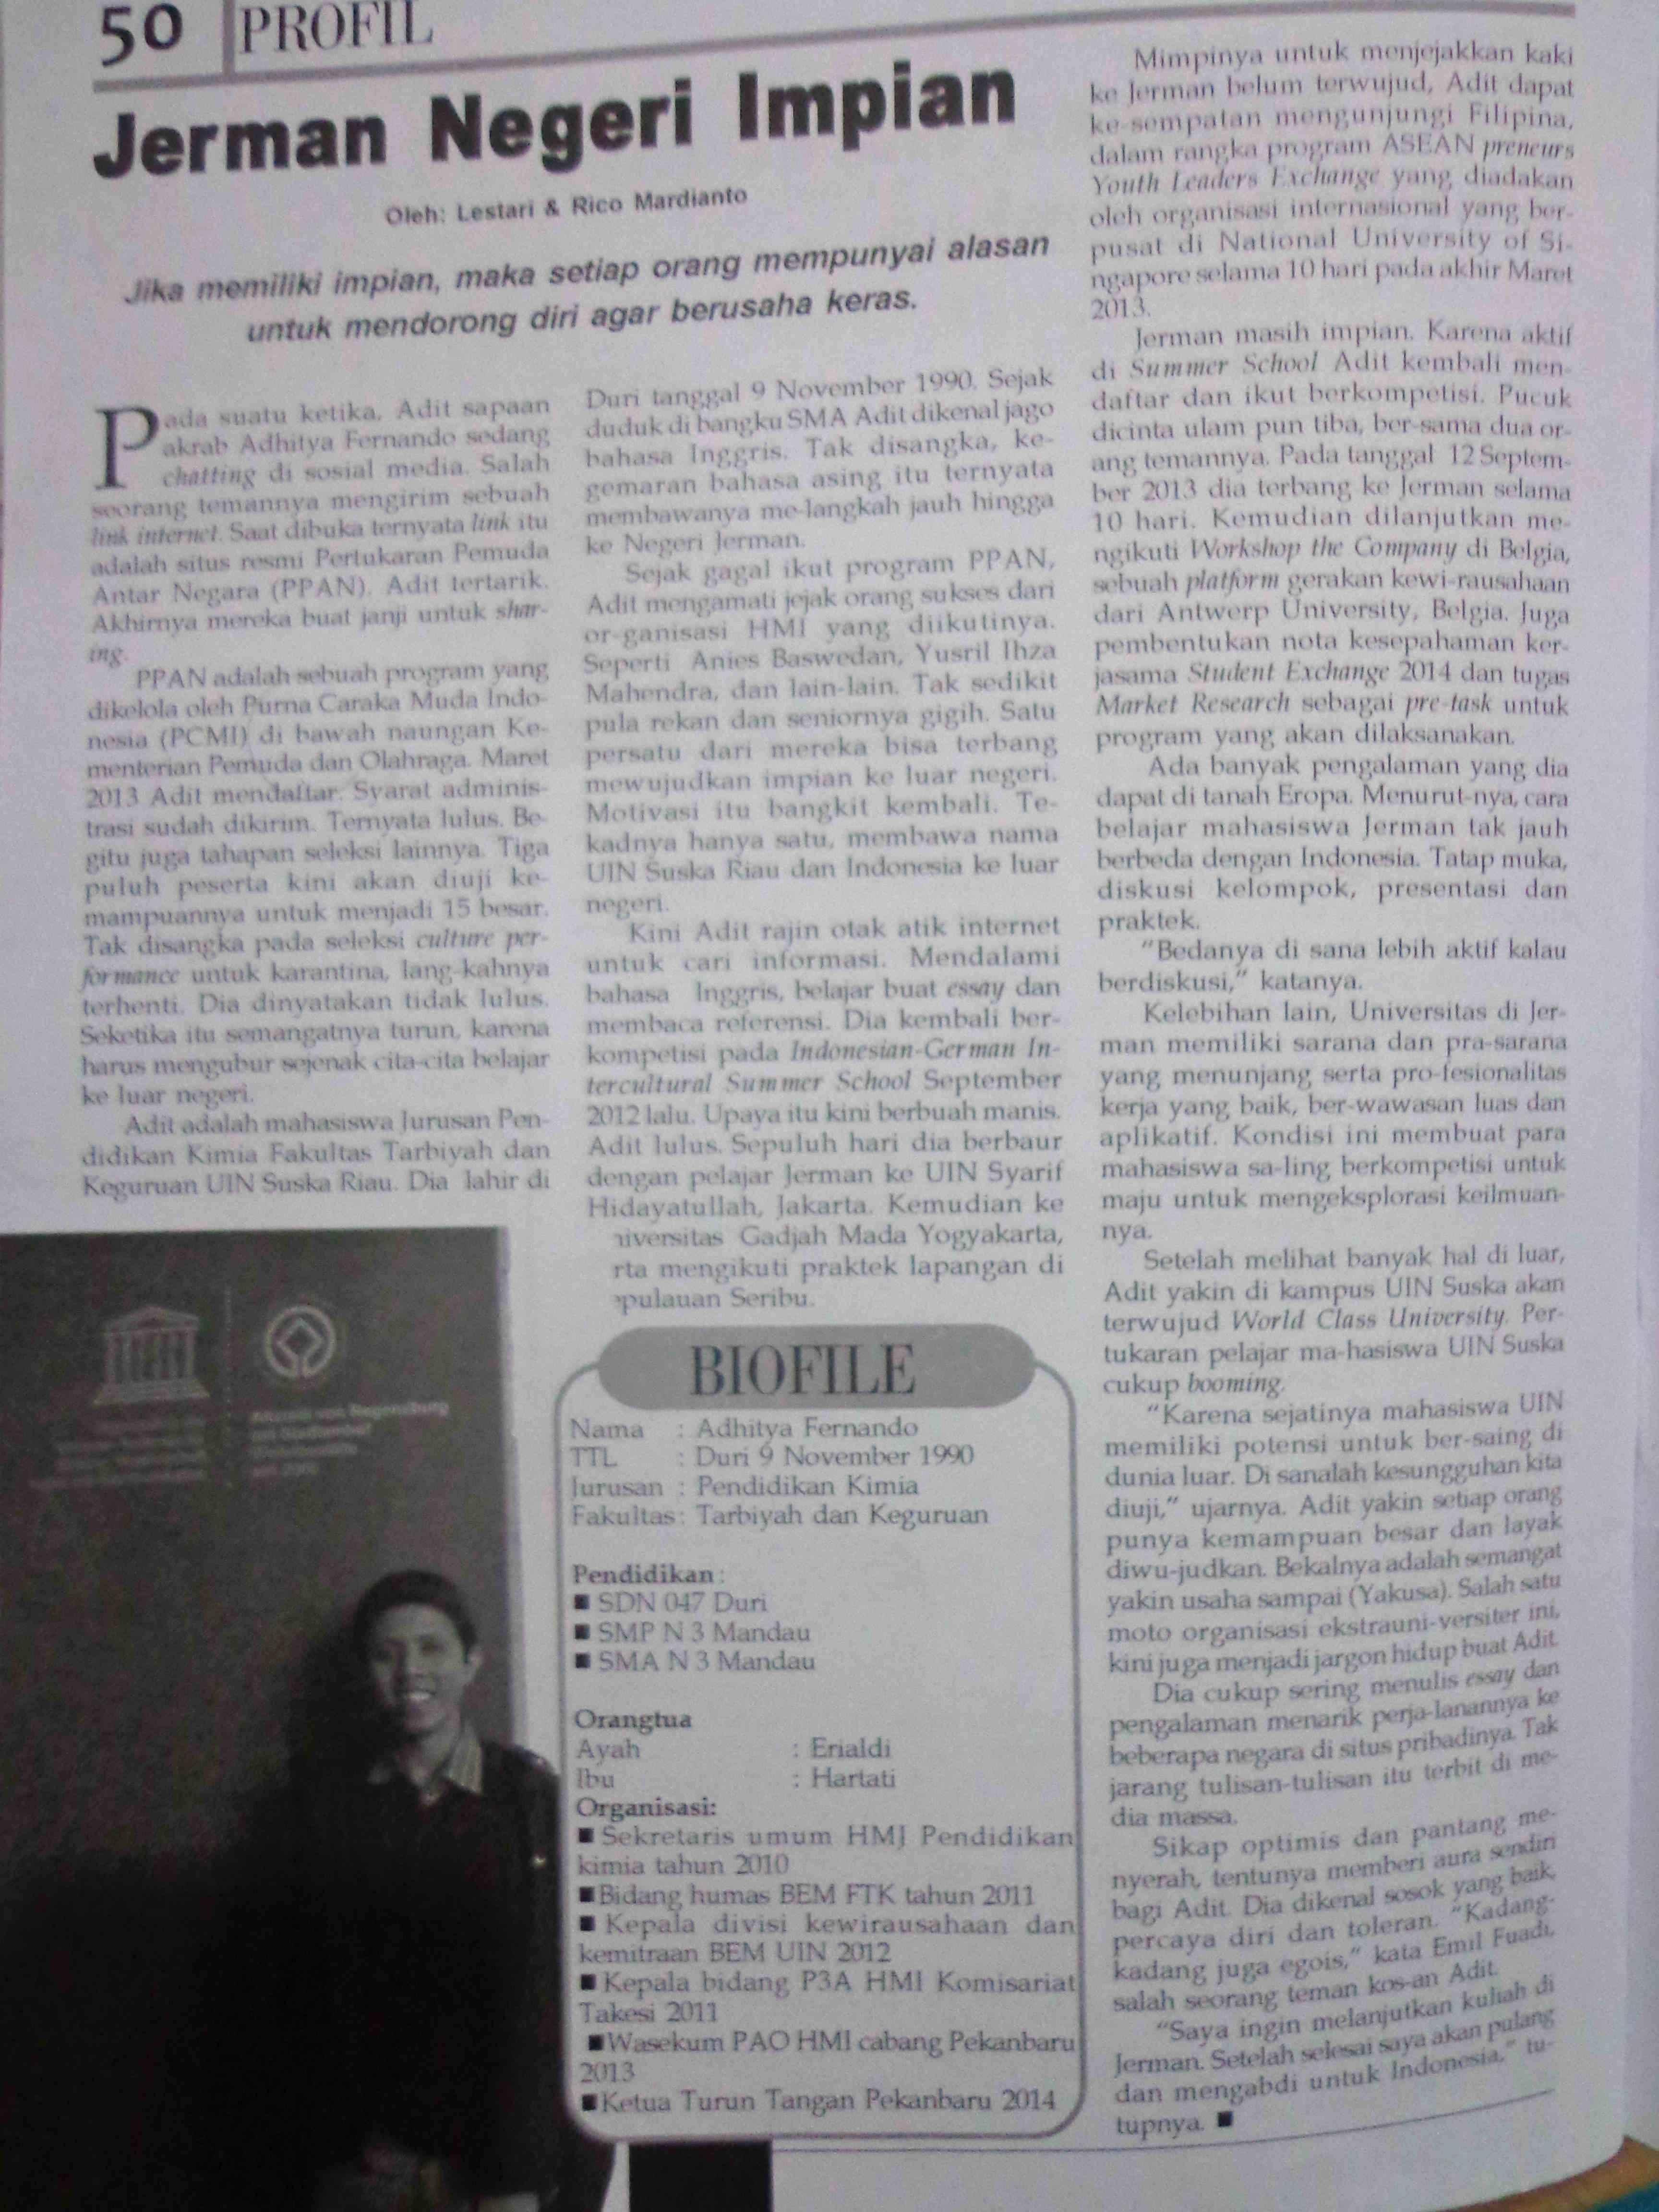 Jerman negeri impian: dipublikasikan di majalah Gagasan edisi 97